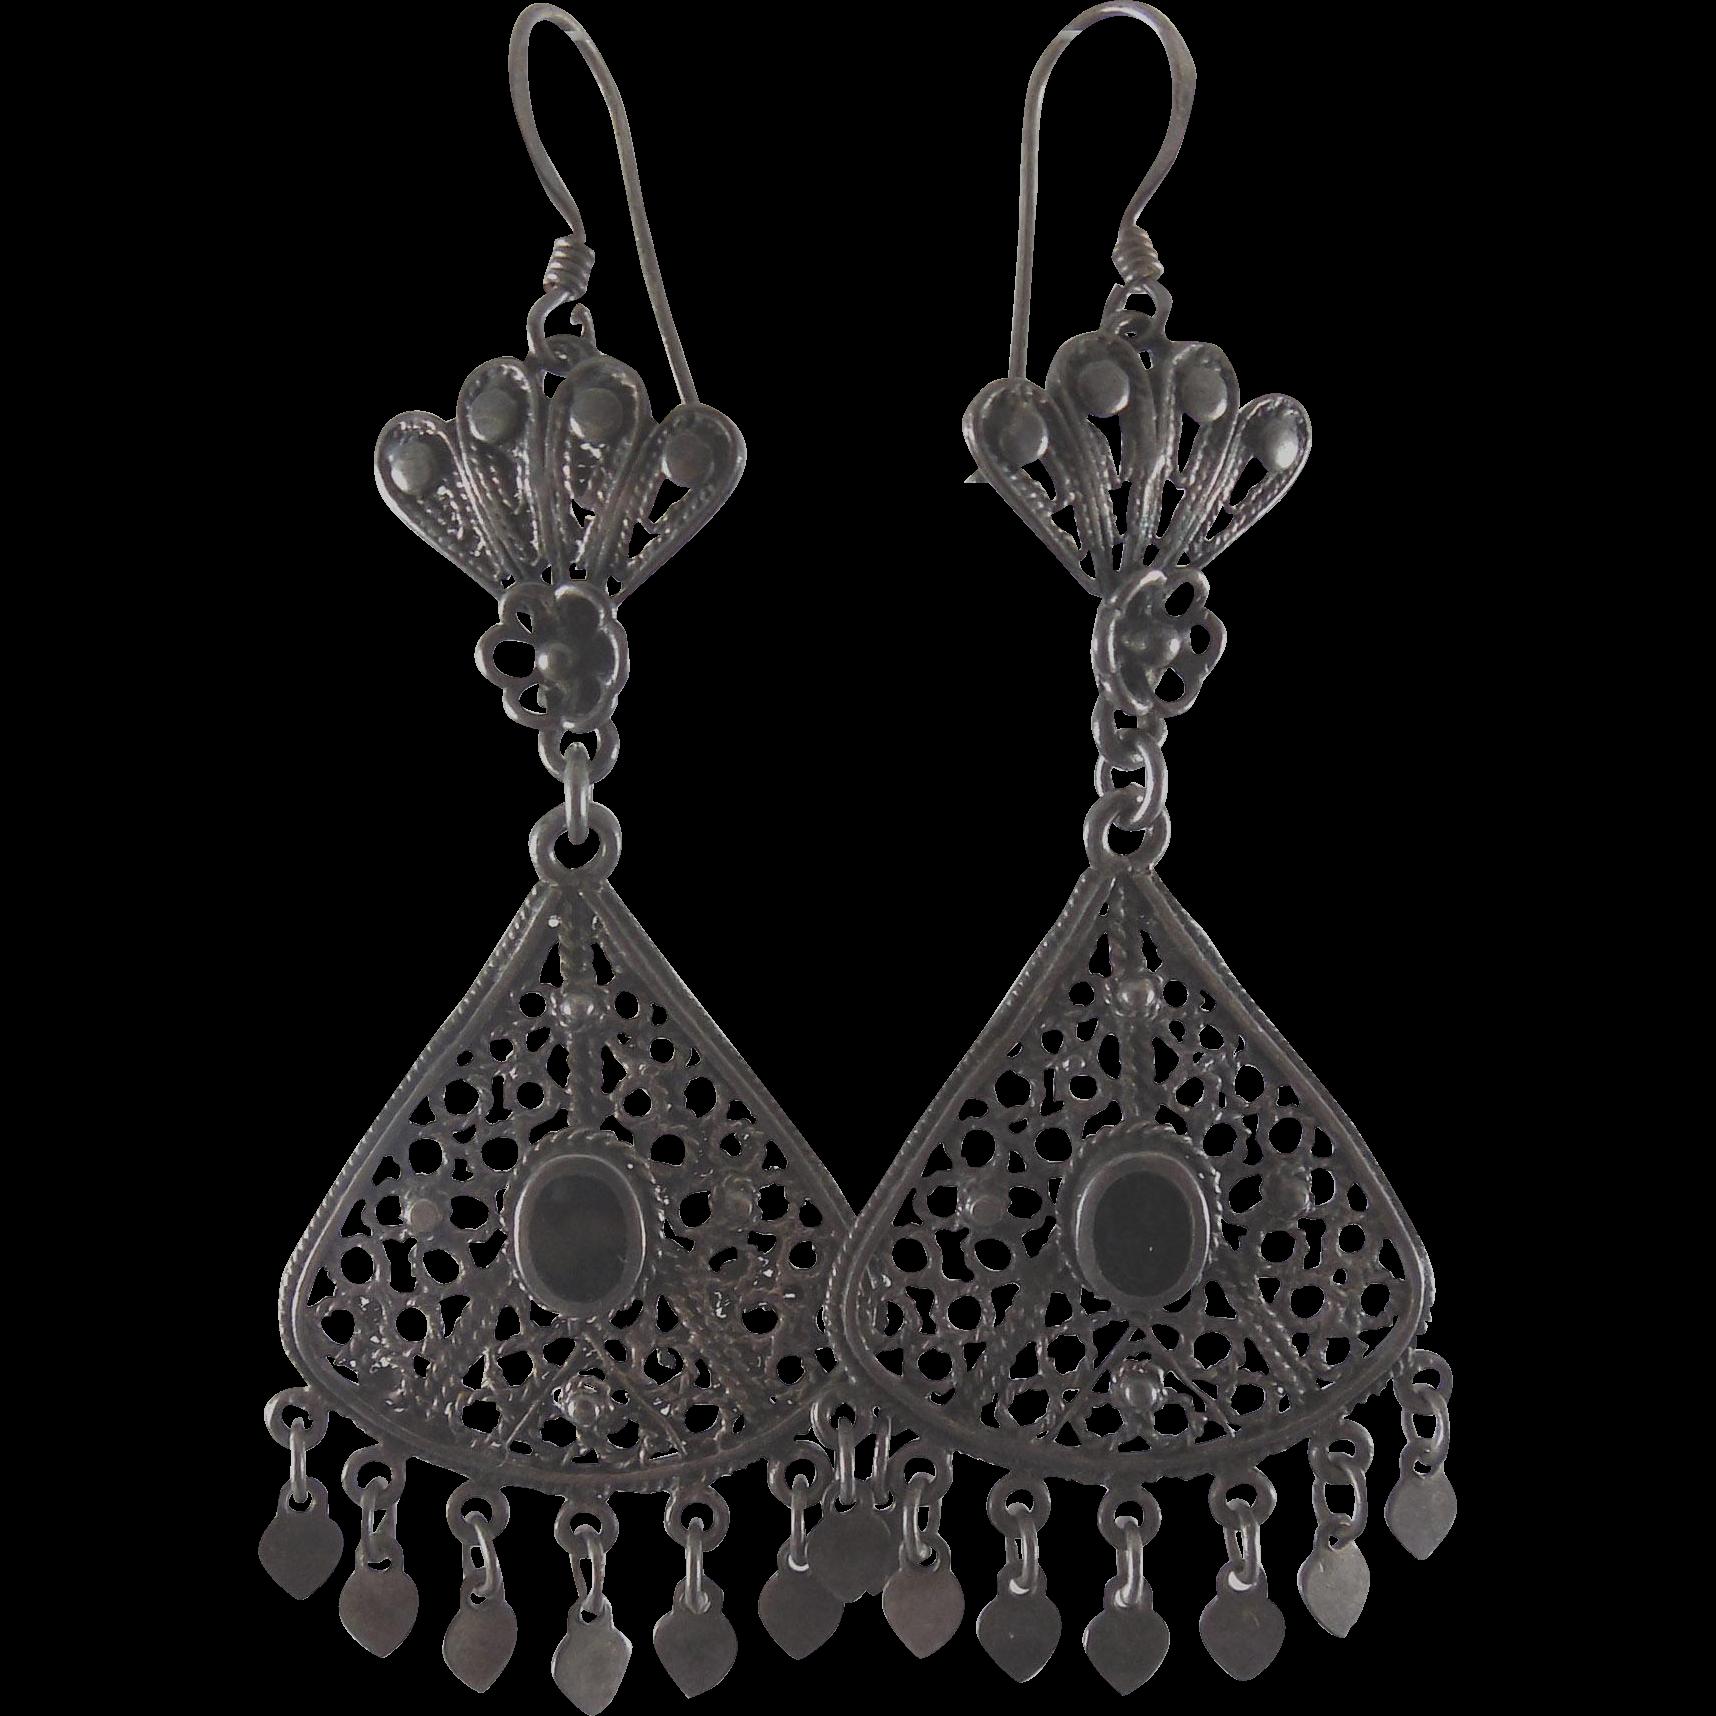 Long Dangling Tribal Earrings - Marked 925